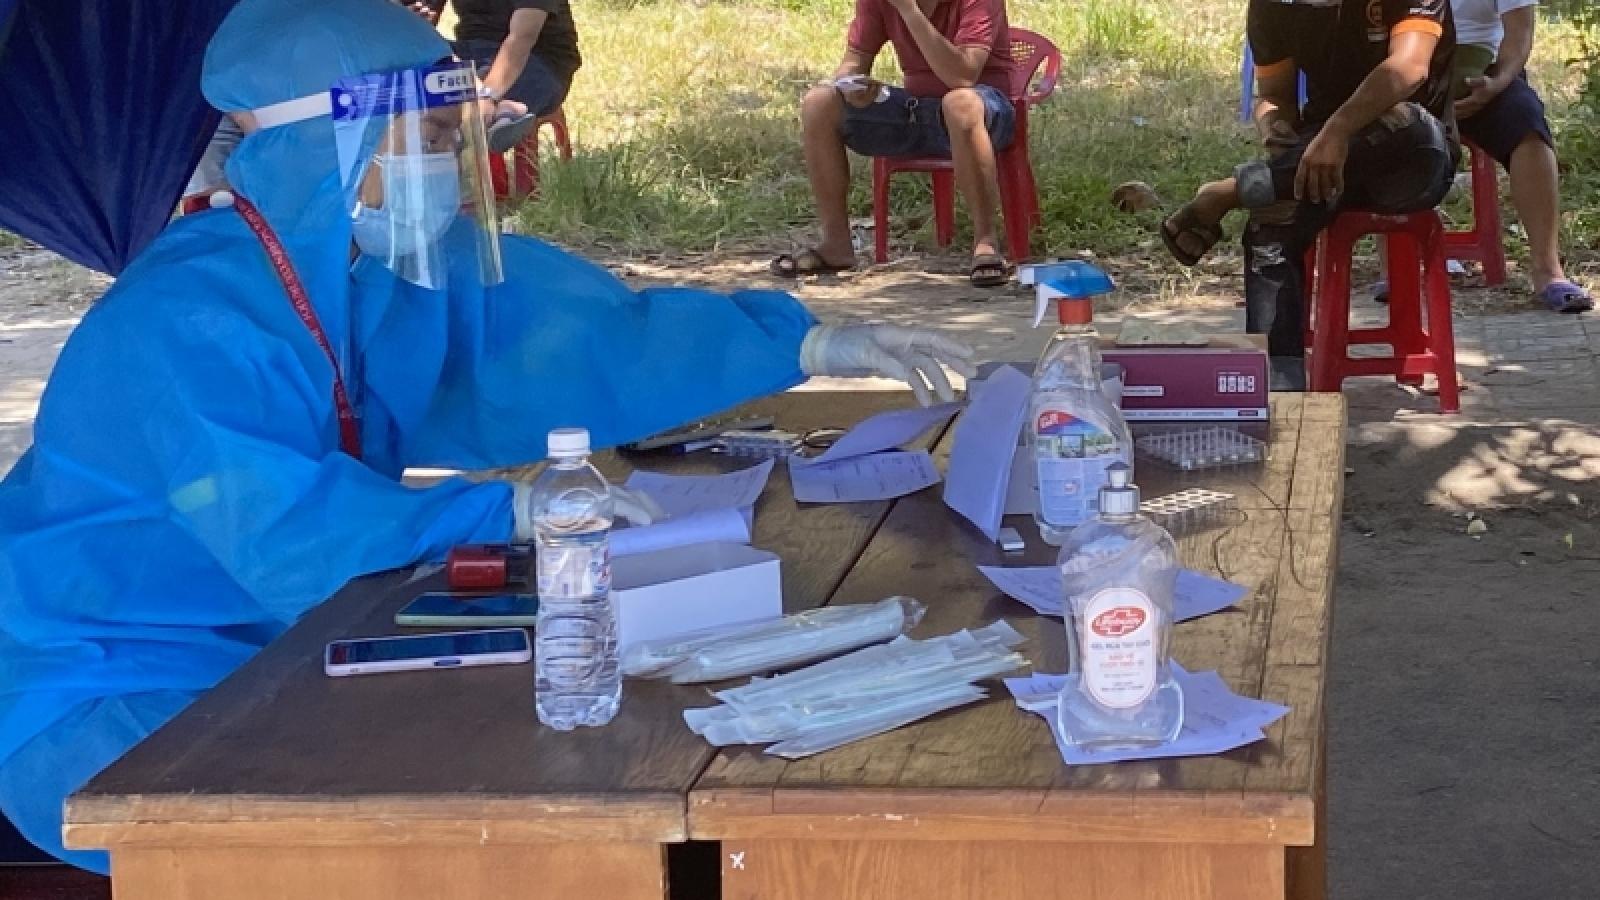 Thay đổi biện pháp phòng, chống dịch đối với người đến/về Đà Nẵng